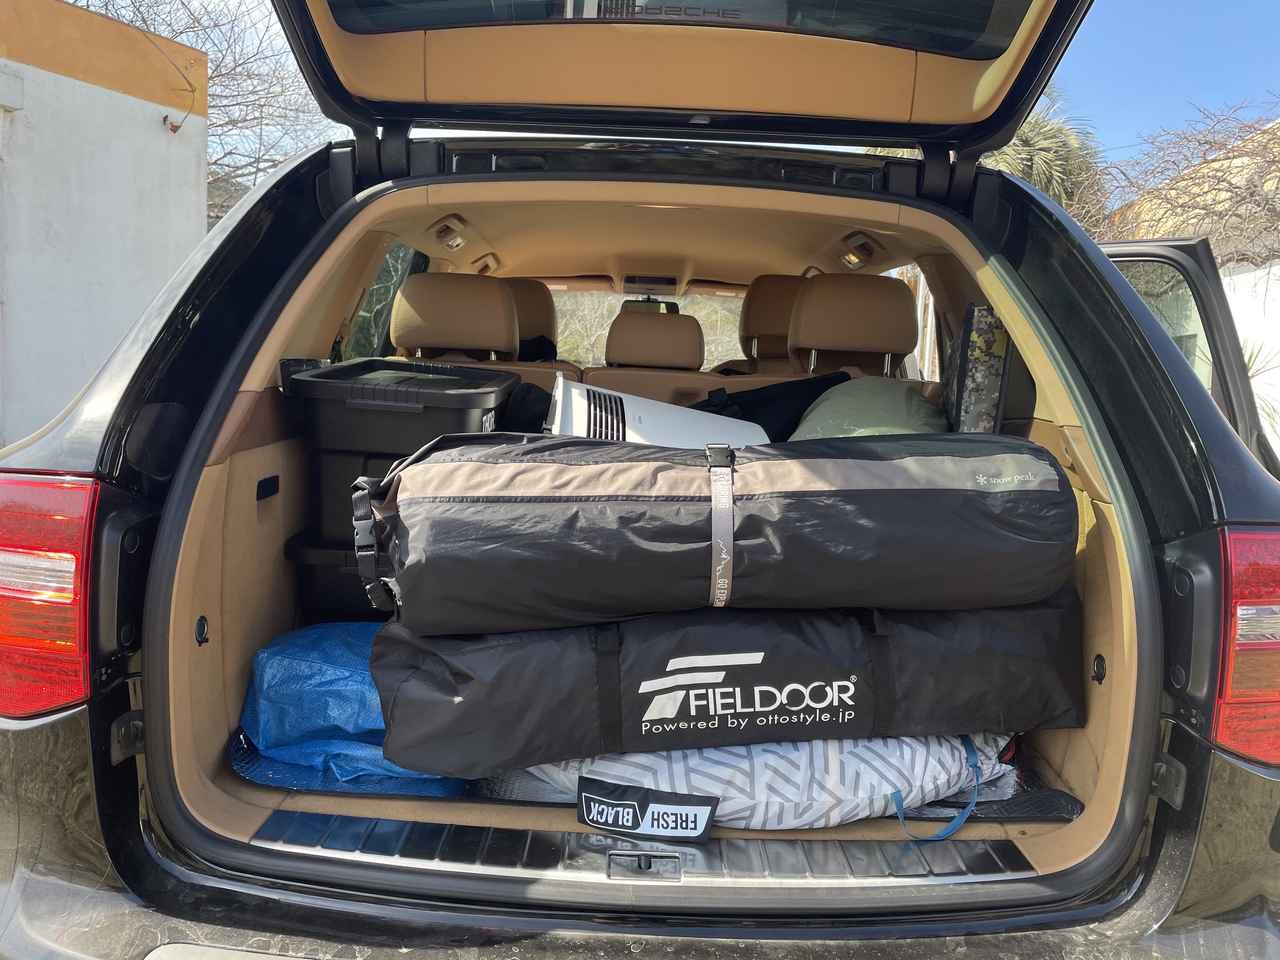 画像: 筆者撮影:キャンプは荷物が多いっ!!!